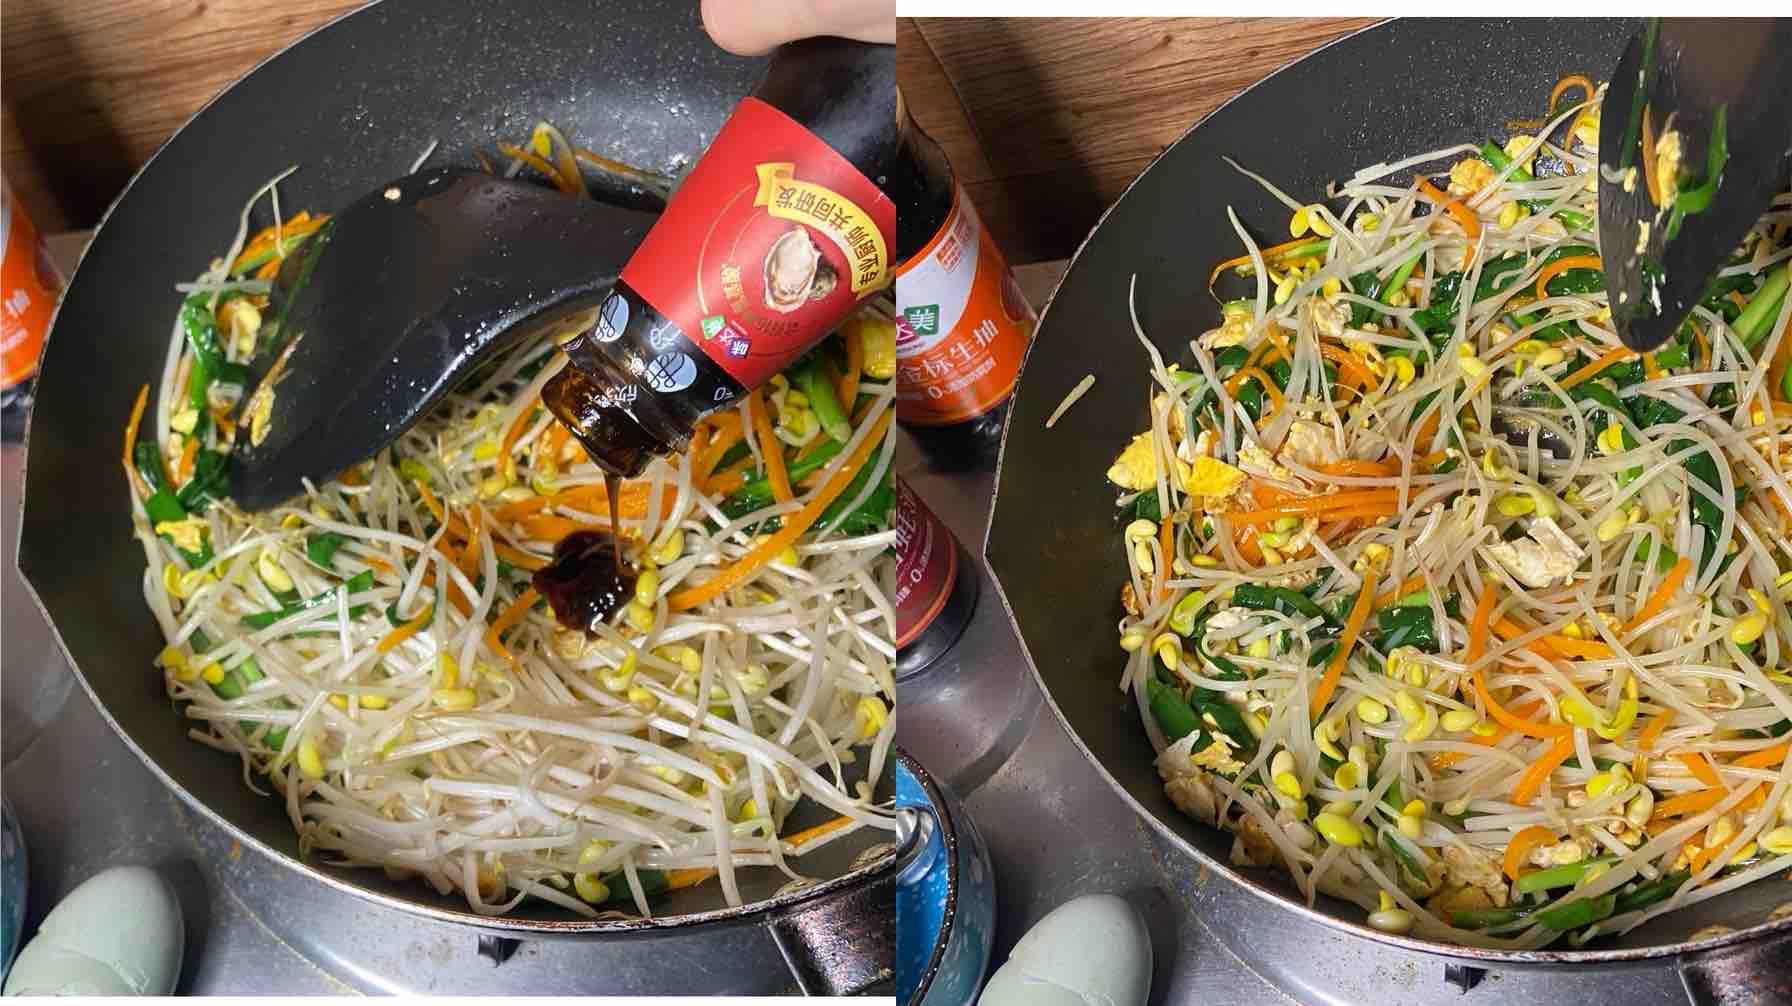 二月韭菜正当时之韭菜炒面的步骤